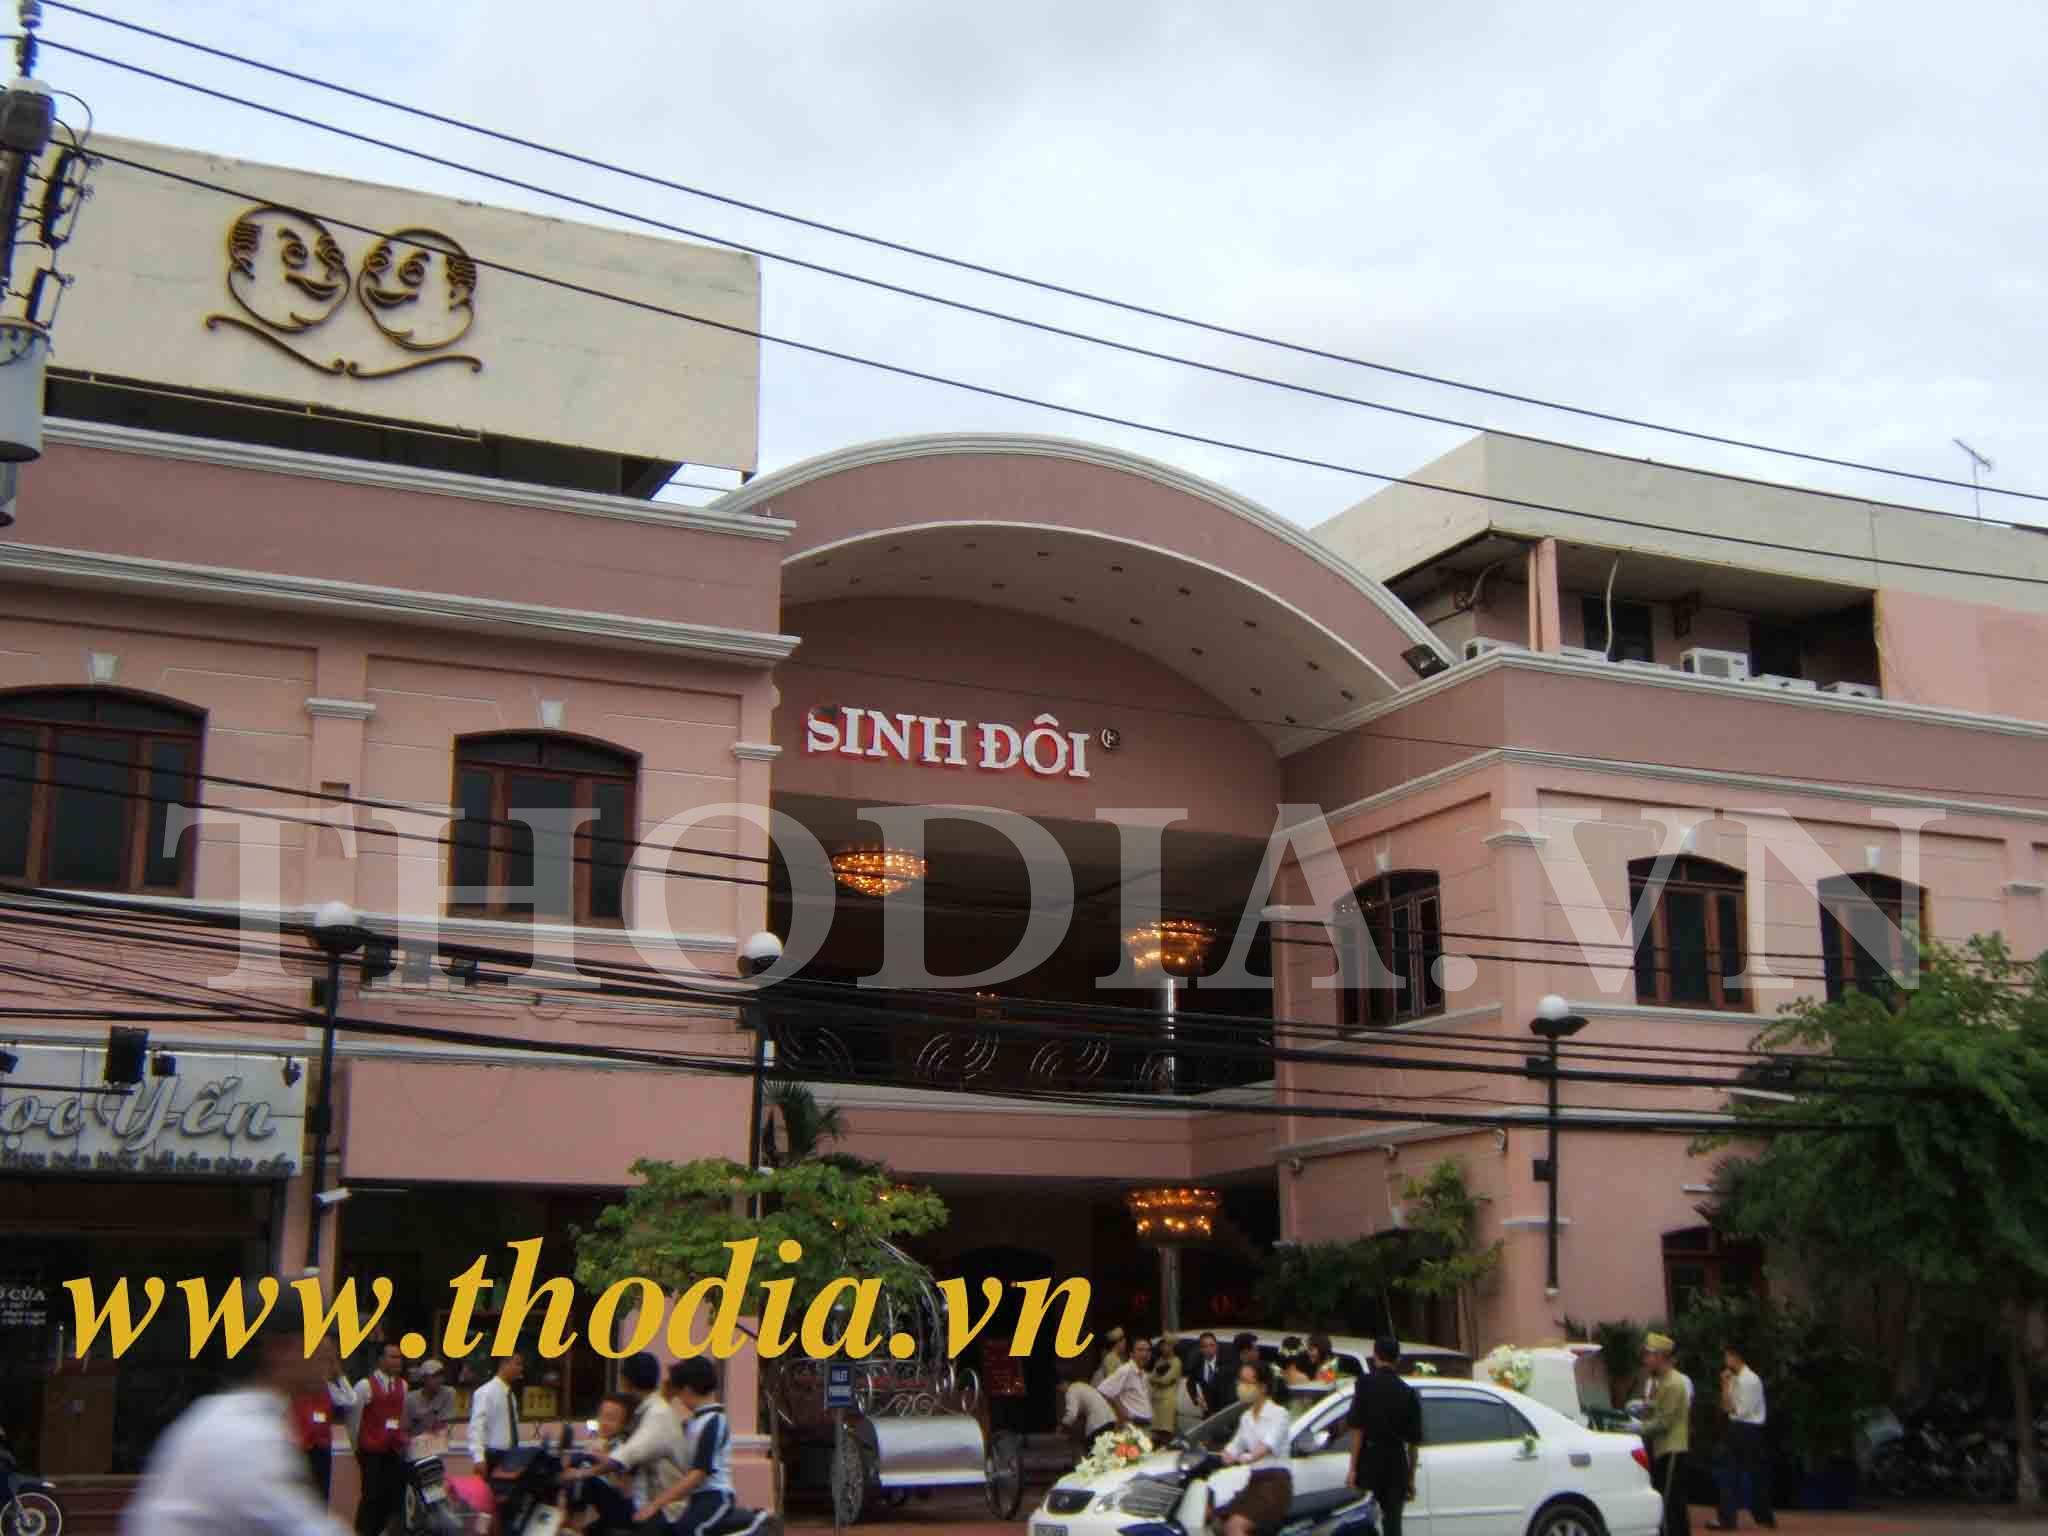 Doi Hang Thailand  city photo : Mặt tiền nhà hàng S... Đăng bởi : Mi Mi Sun Thông báo tin ...